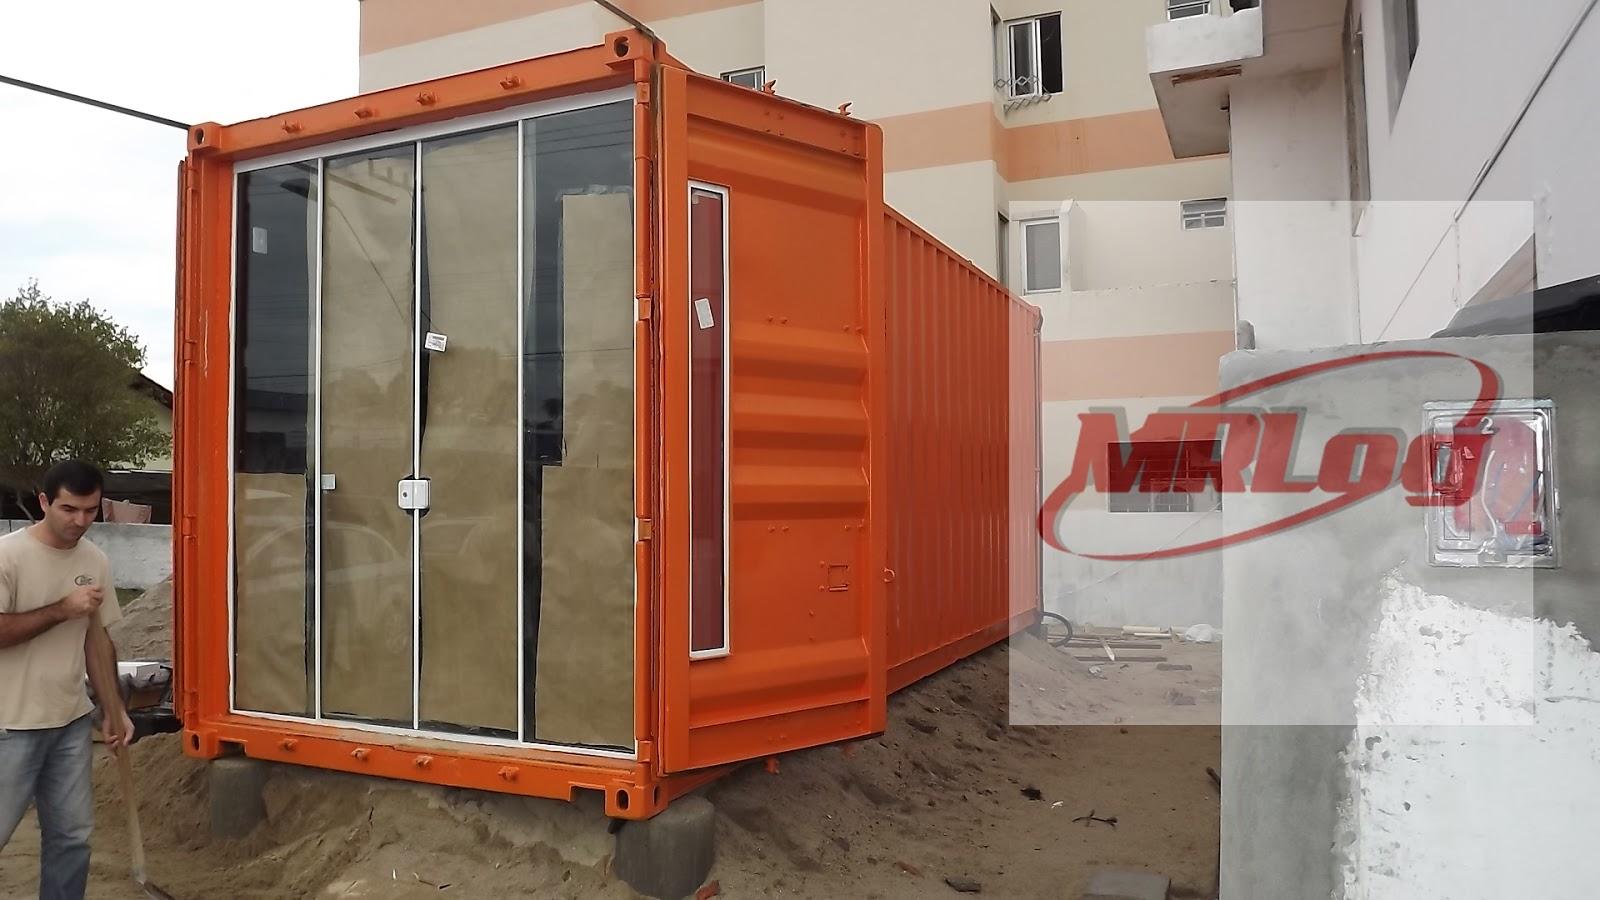 Container MRLOG venda e locação de container #AD441E 1600x900 Banheiro Container Locação Sc